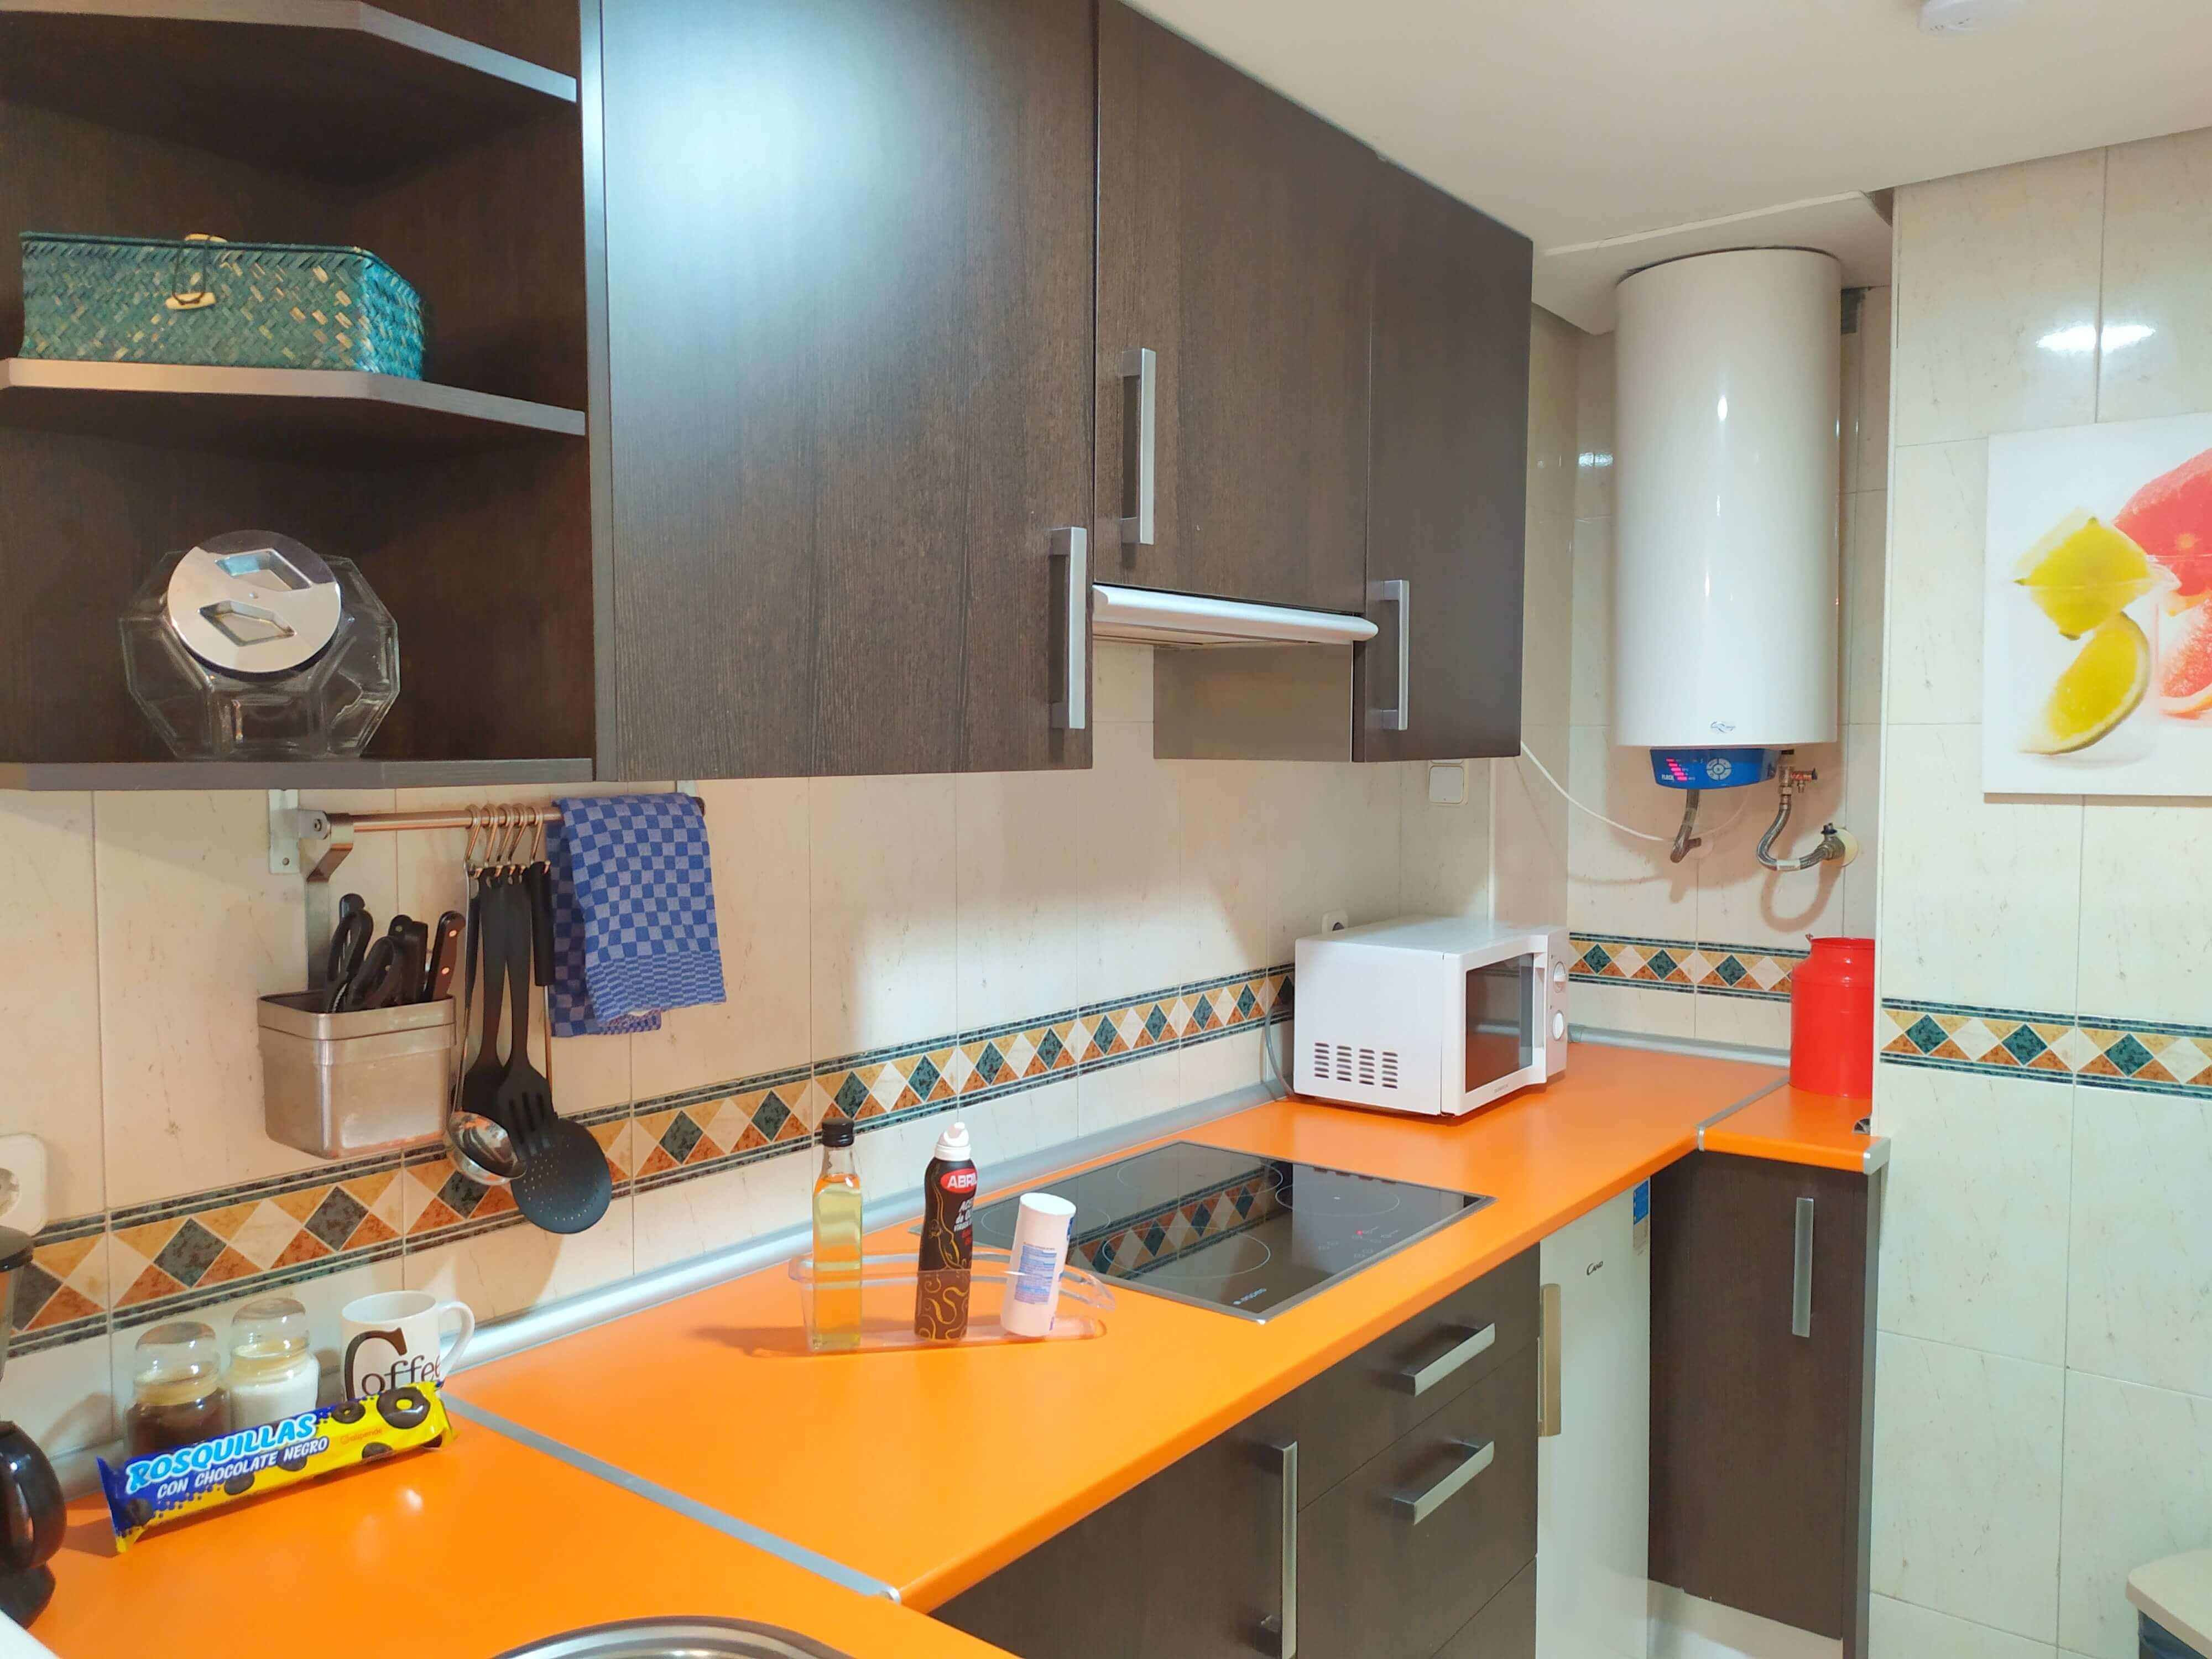 Los pisos de Madrid Alquiler por días cuentan con toda clase de comodidades